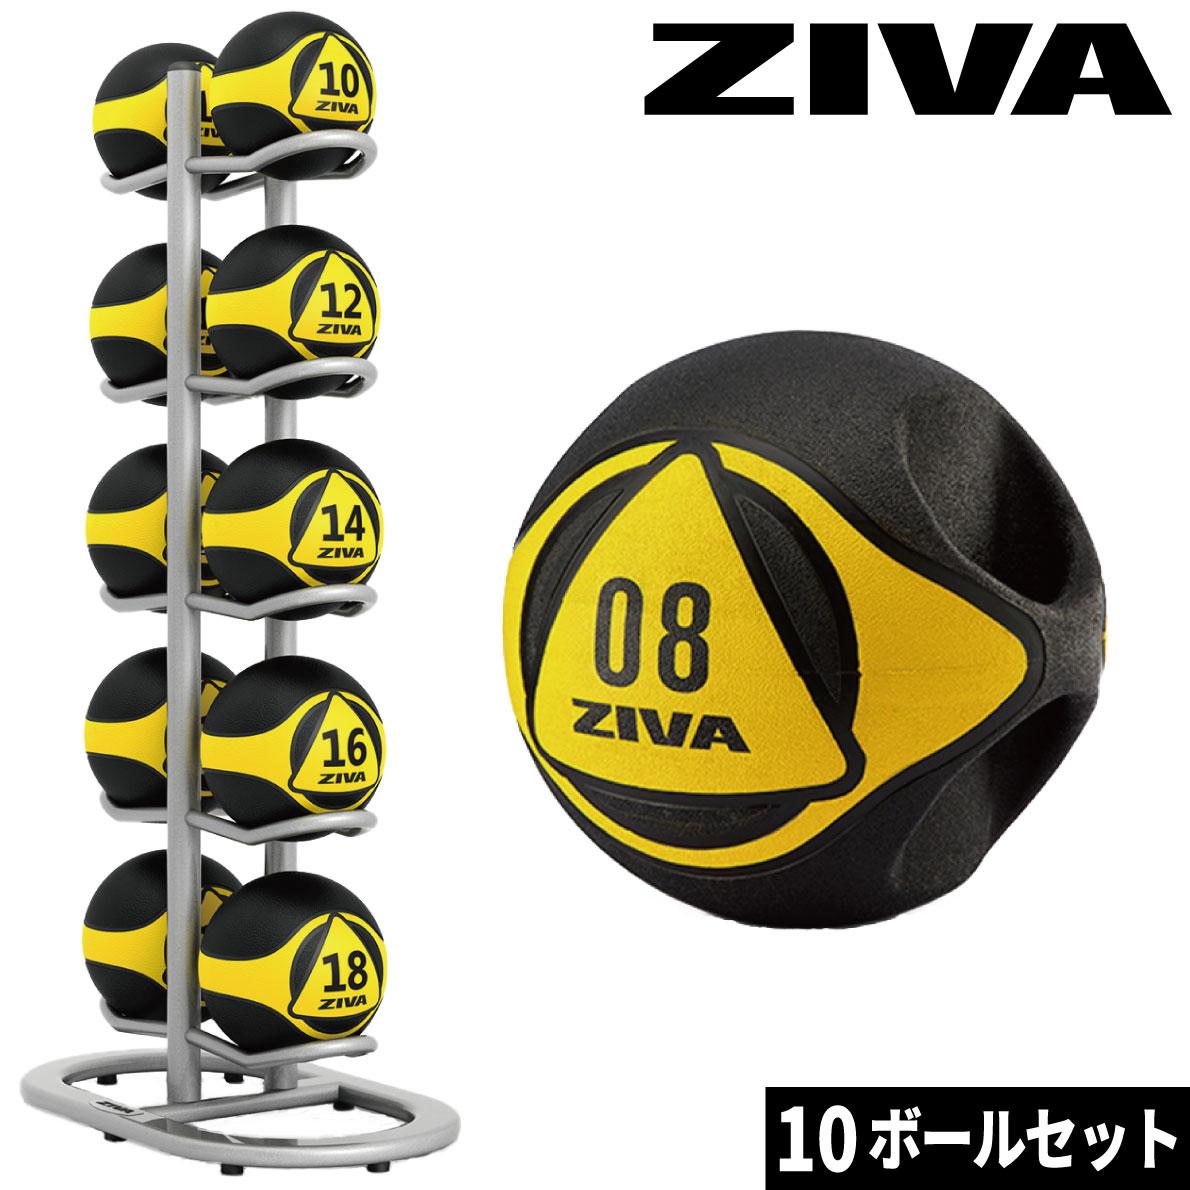 デュアルグリップメディシンボール ウエイトボール トレーニングボール ボールツリー ラックセット ボールラック ZIVA ジーヴァ フリーウエイト トレーニング 1kgきざみ 業務用 家庭用 ボール10個セット